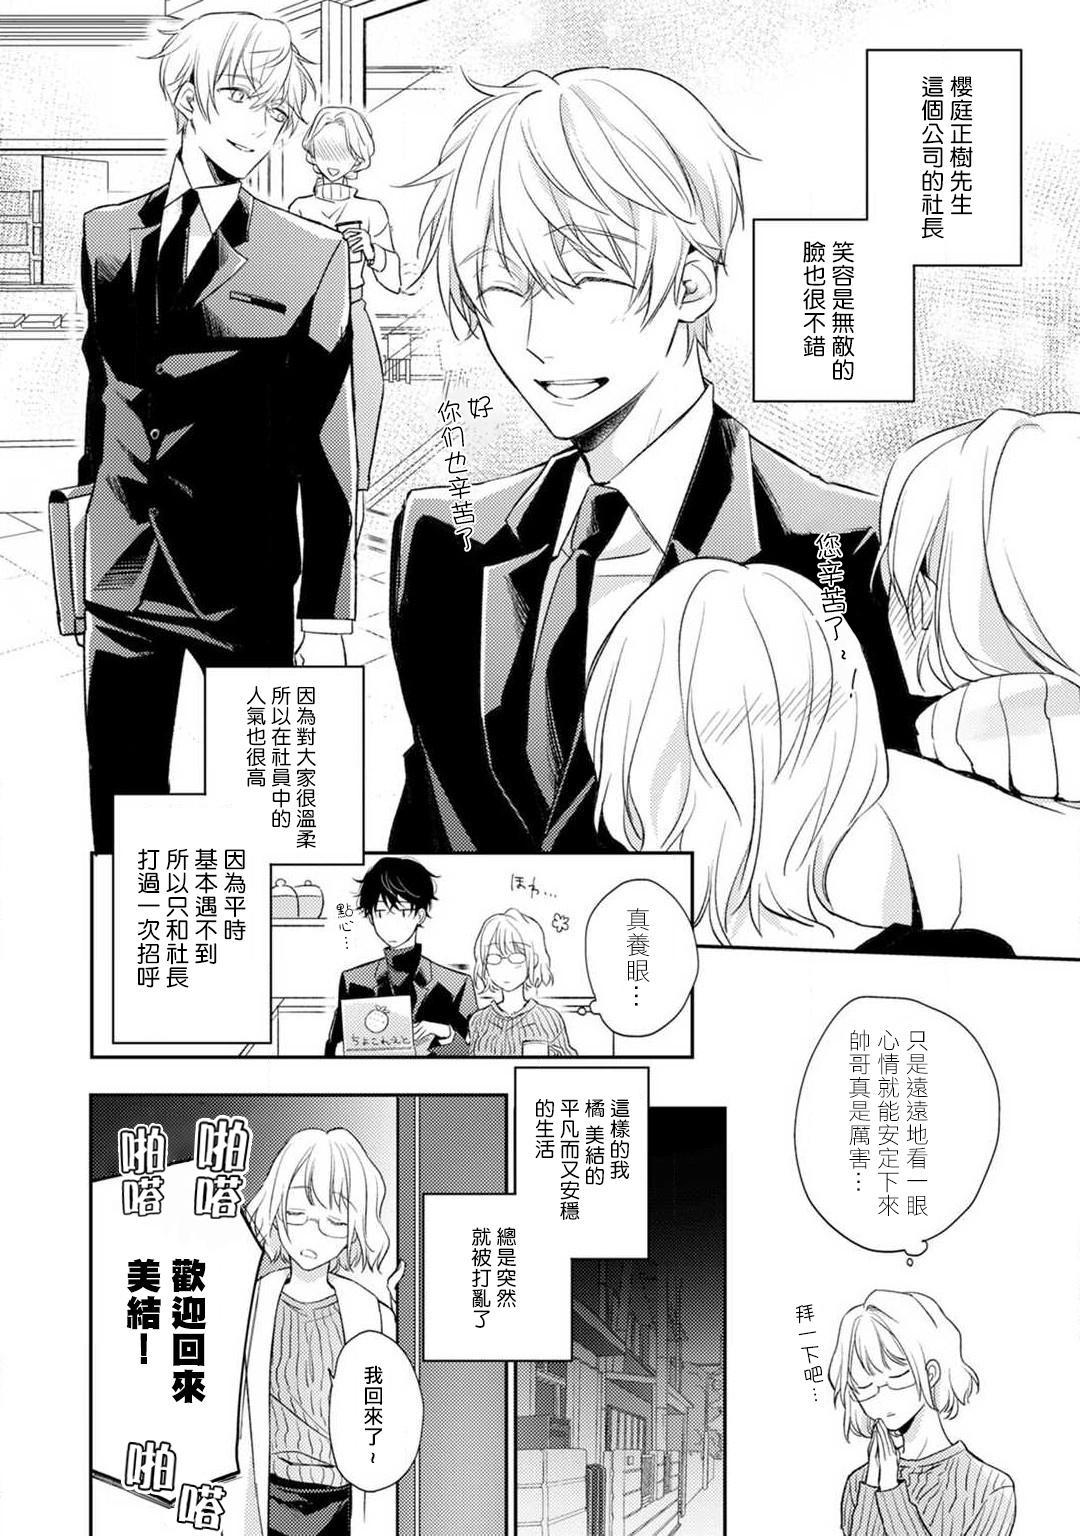 [Shichigatsu Motomi]  Sonna Kao shite, Sasotteru? ~Dekiai Shachou to Migawari Omiaikekkon!?~ 1-11  這種表情,在誘惑我嗎?~溺愛社長和替身相親結婚!? [Chinese] [拾荒者汉化组] 4